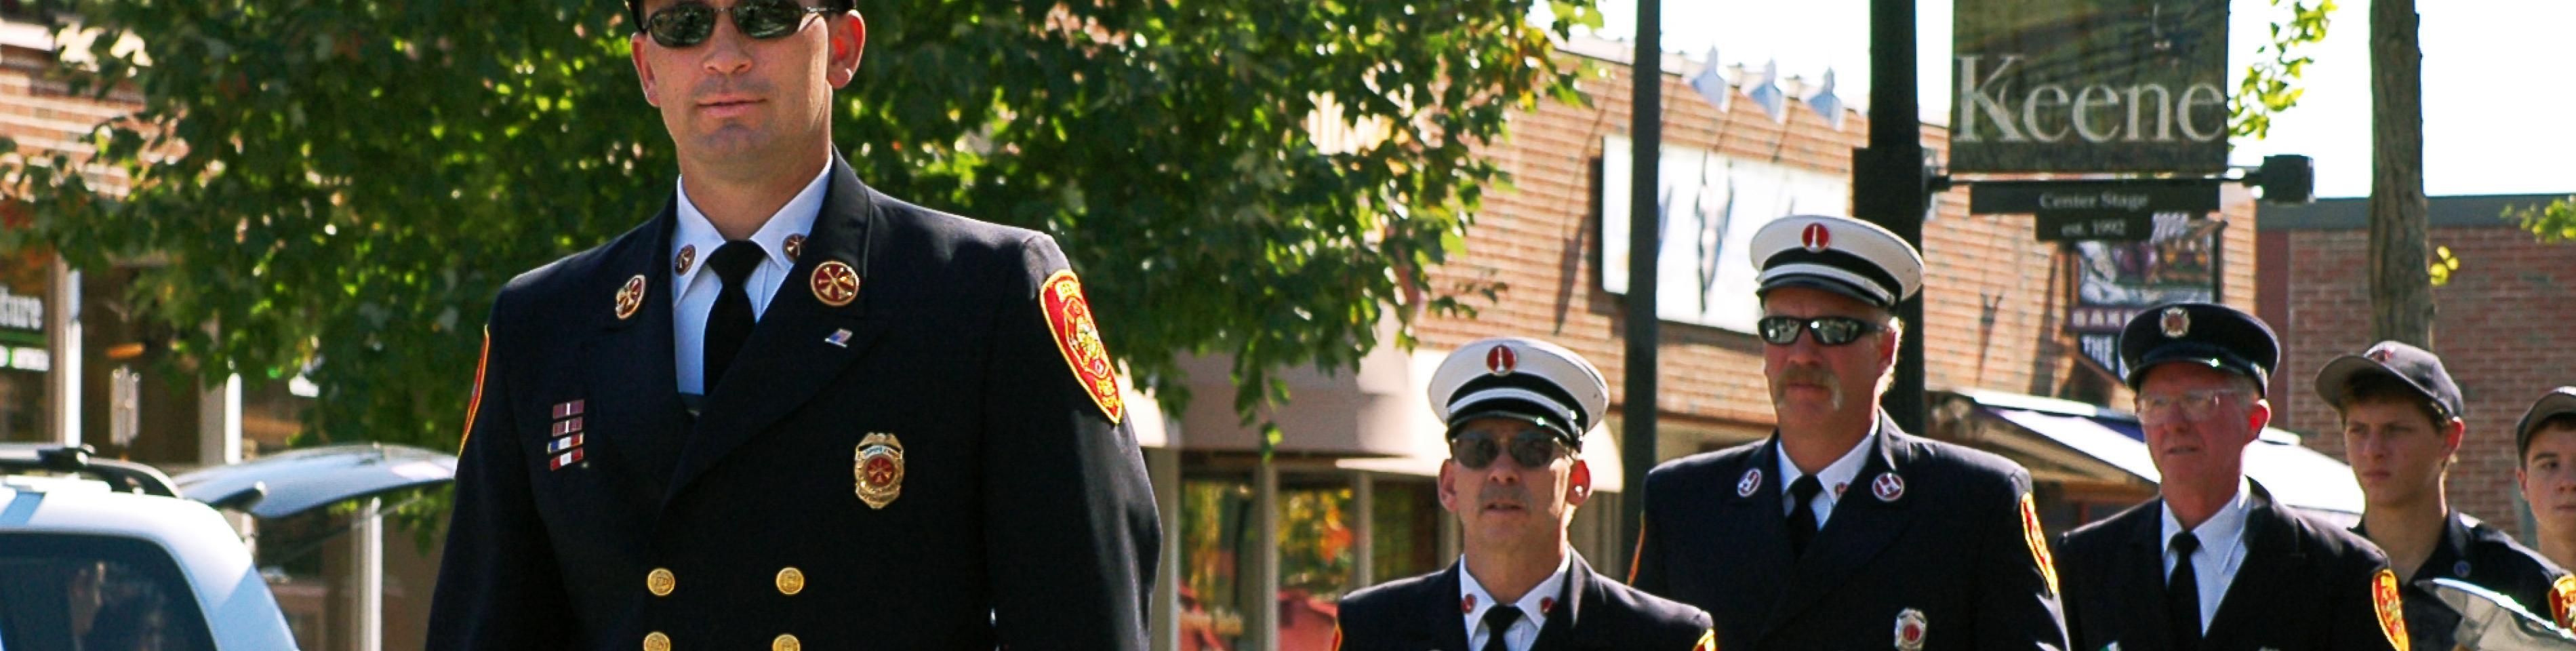 Fire Prevention Parade